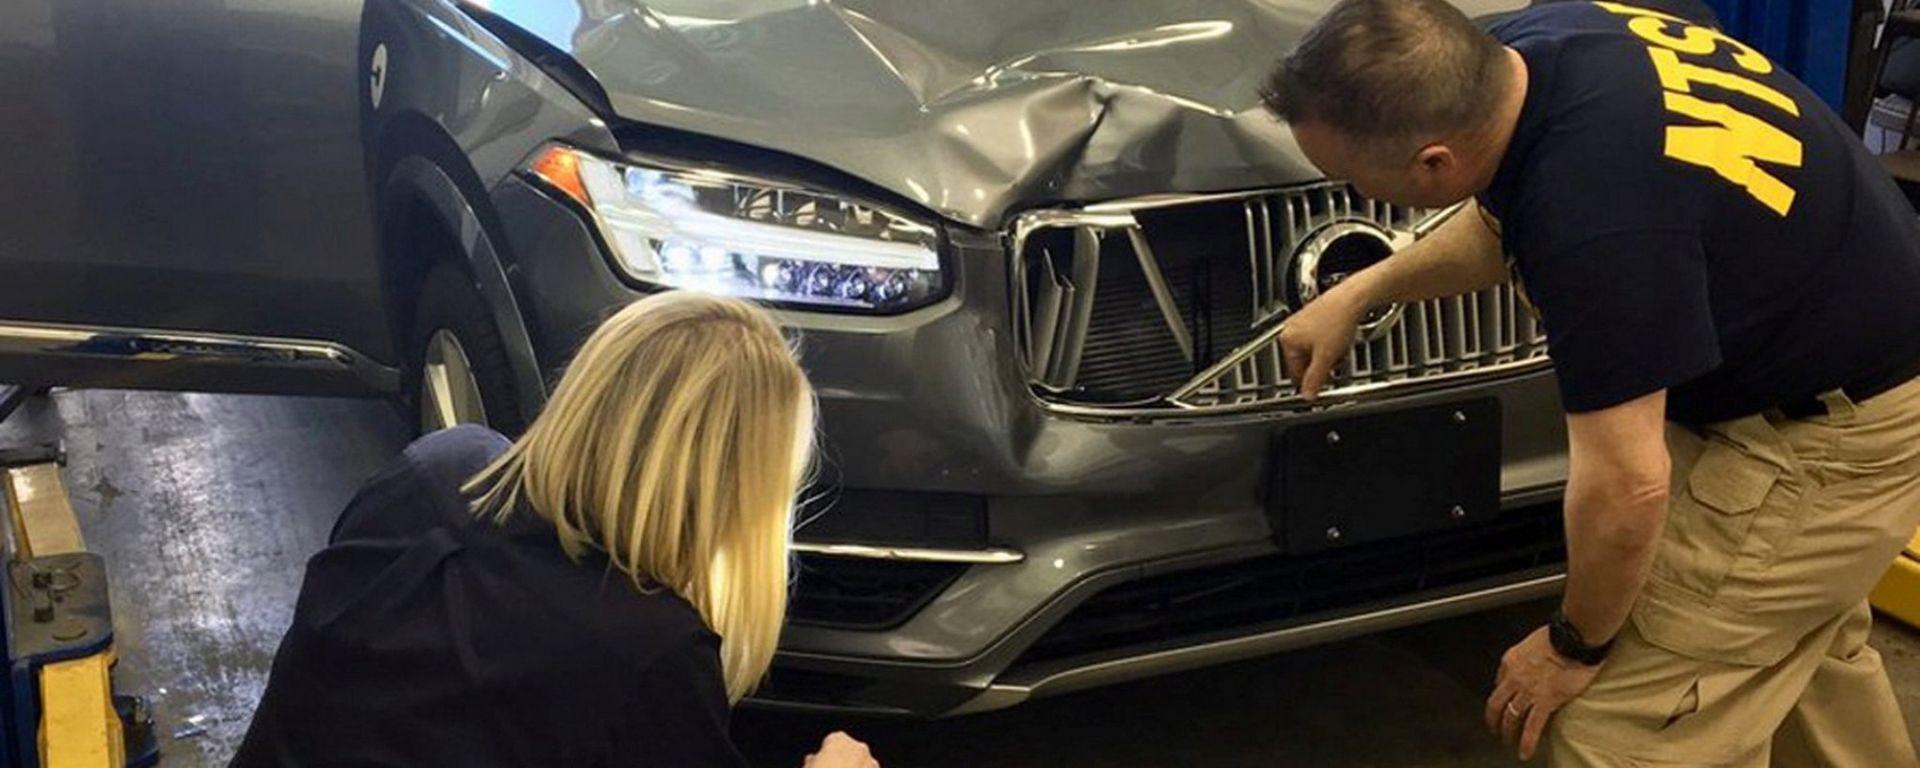 La Volvo XC90 triste protagonista dell'incidente di Uber con il pedone americano